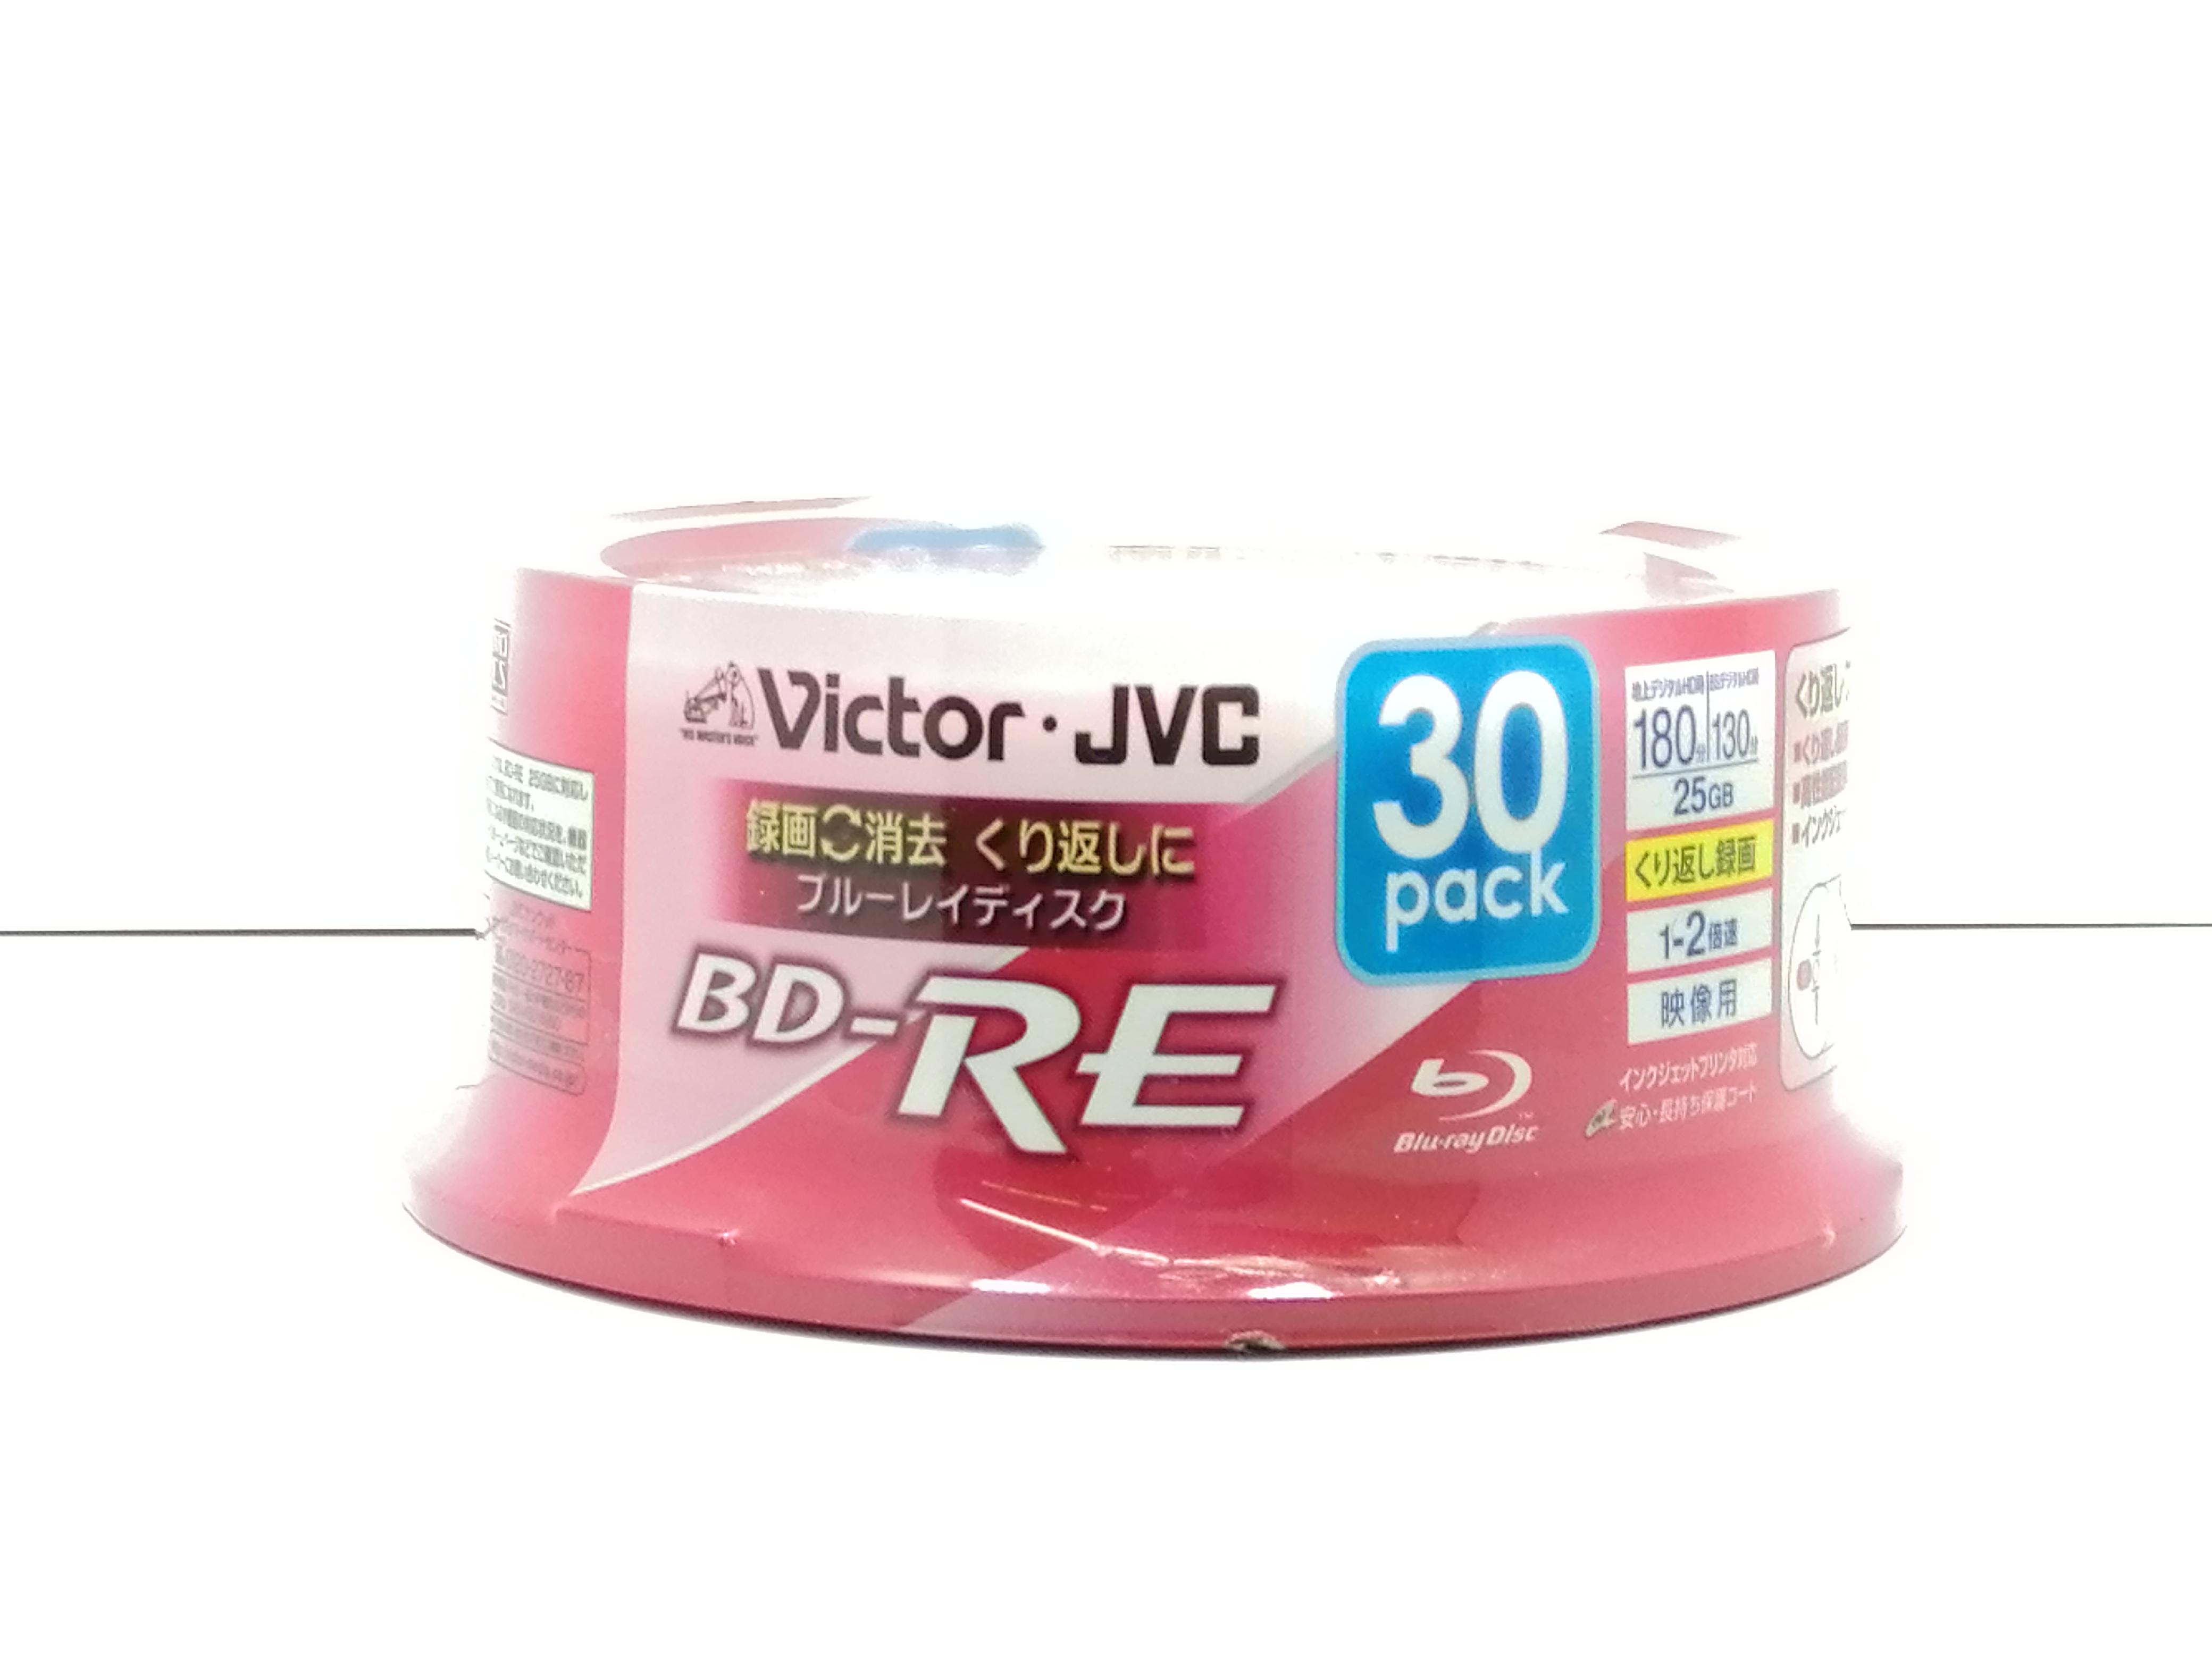 未開封・未使用品 BD-RE 30PACK|VICTOR JVC